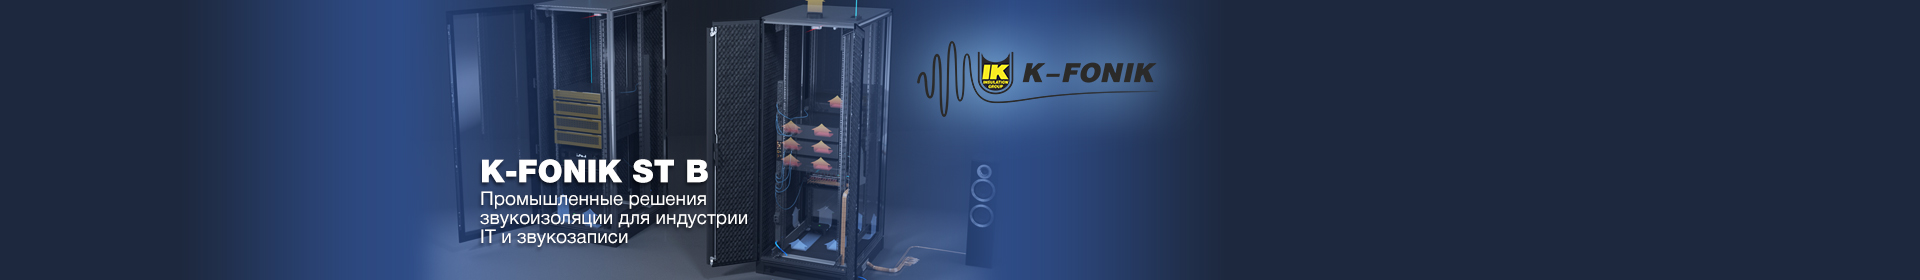 K-FONIK ST B